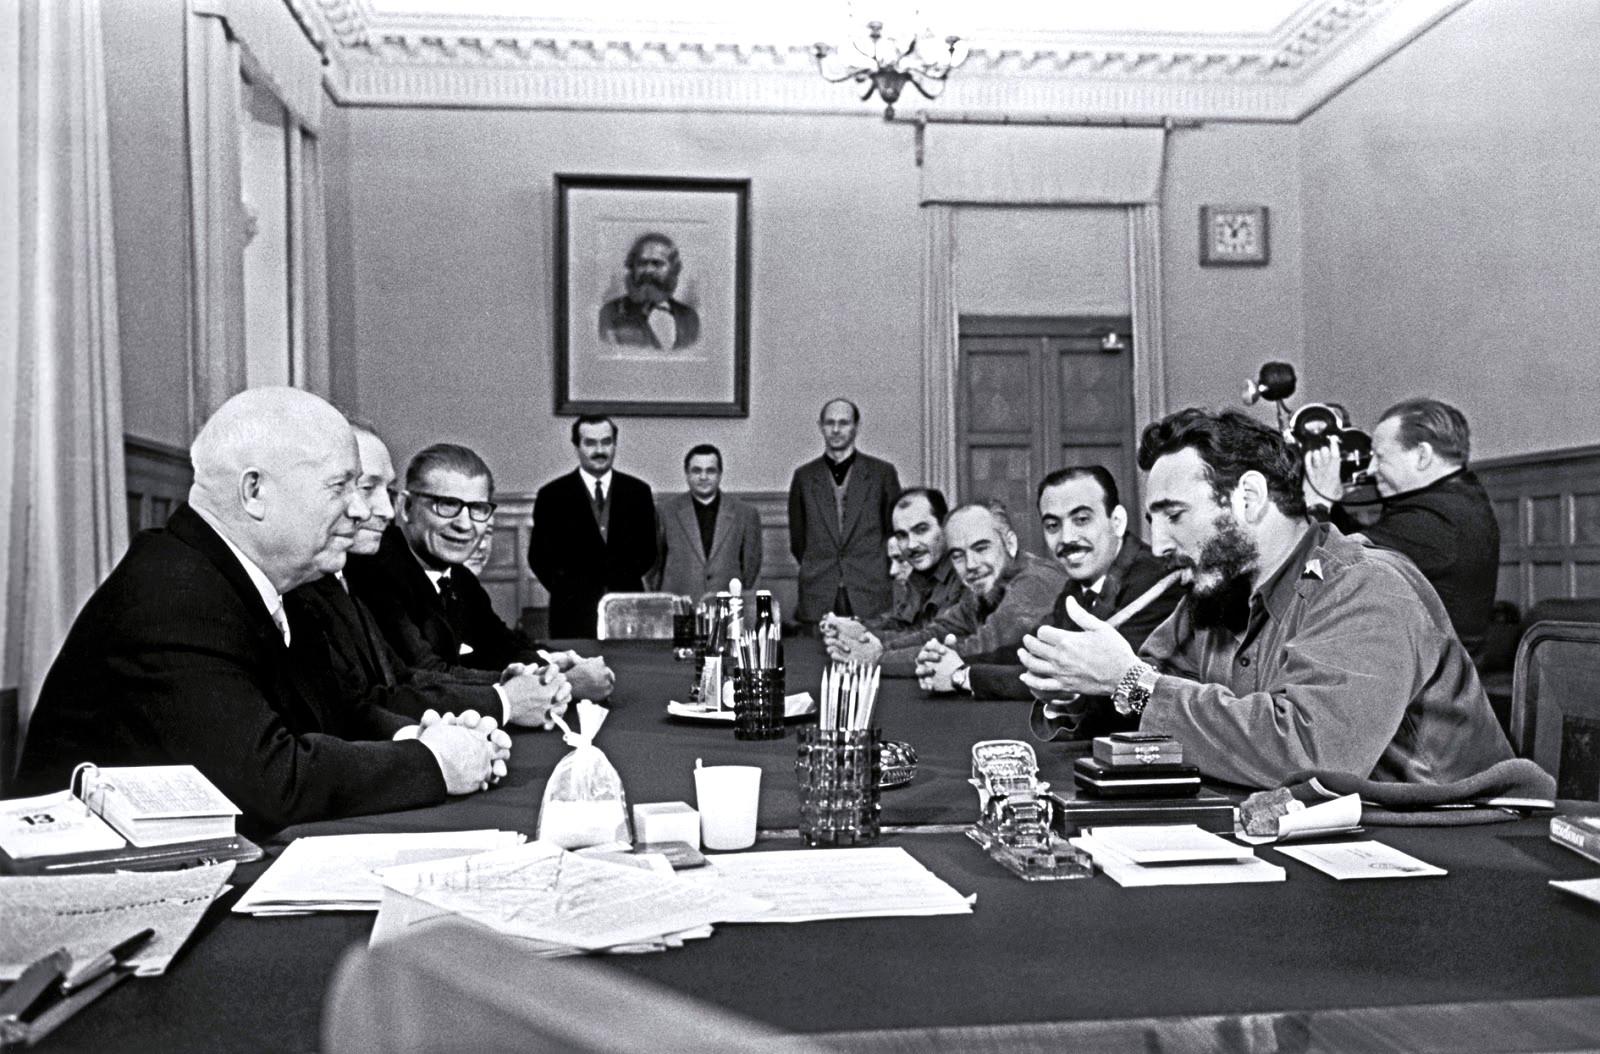 1967. Fidel Castro Moszkvában a Kremlben éppen szivarra gyújt. De nem ez az érdekes. Nézzétek a csuklóját. Két óra van rajta és mindkettő Rolex..jpg